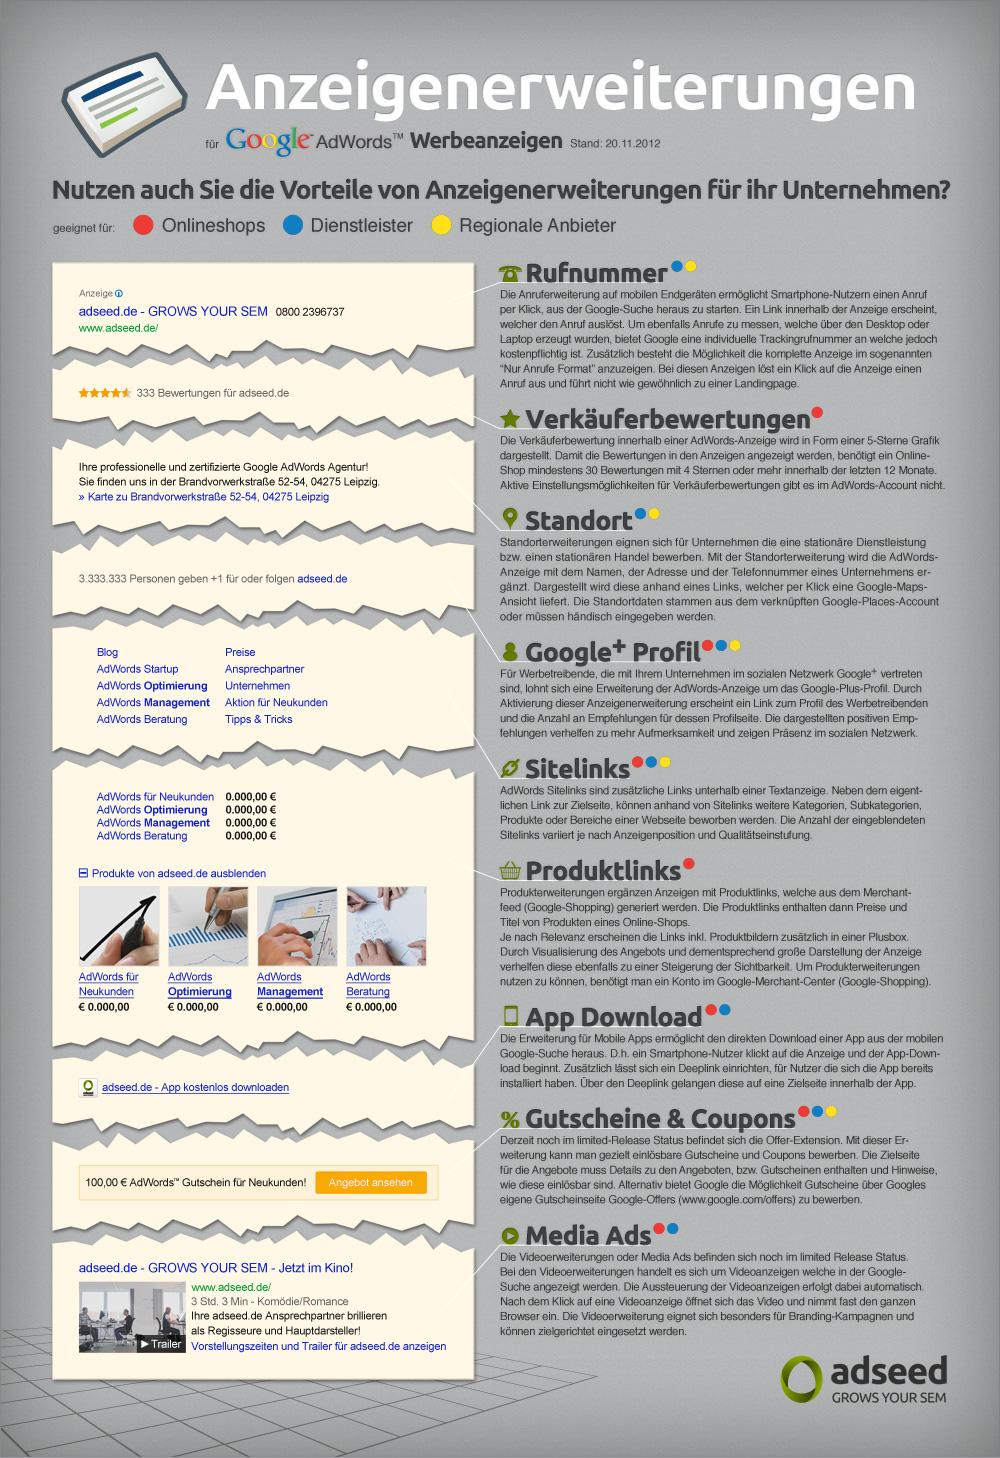 Infografik Adwords Anzeigenerweiterungen